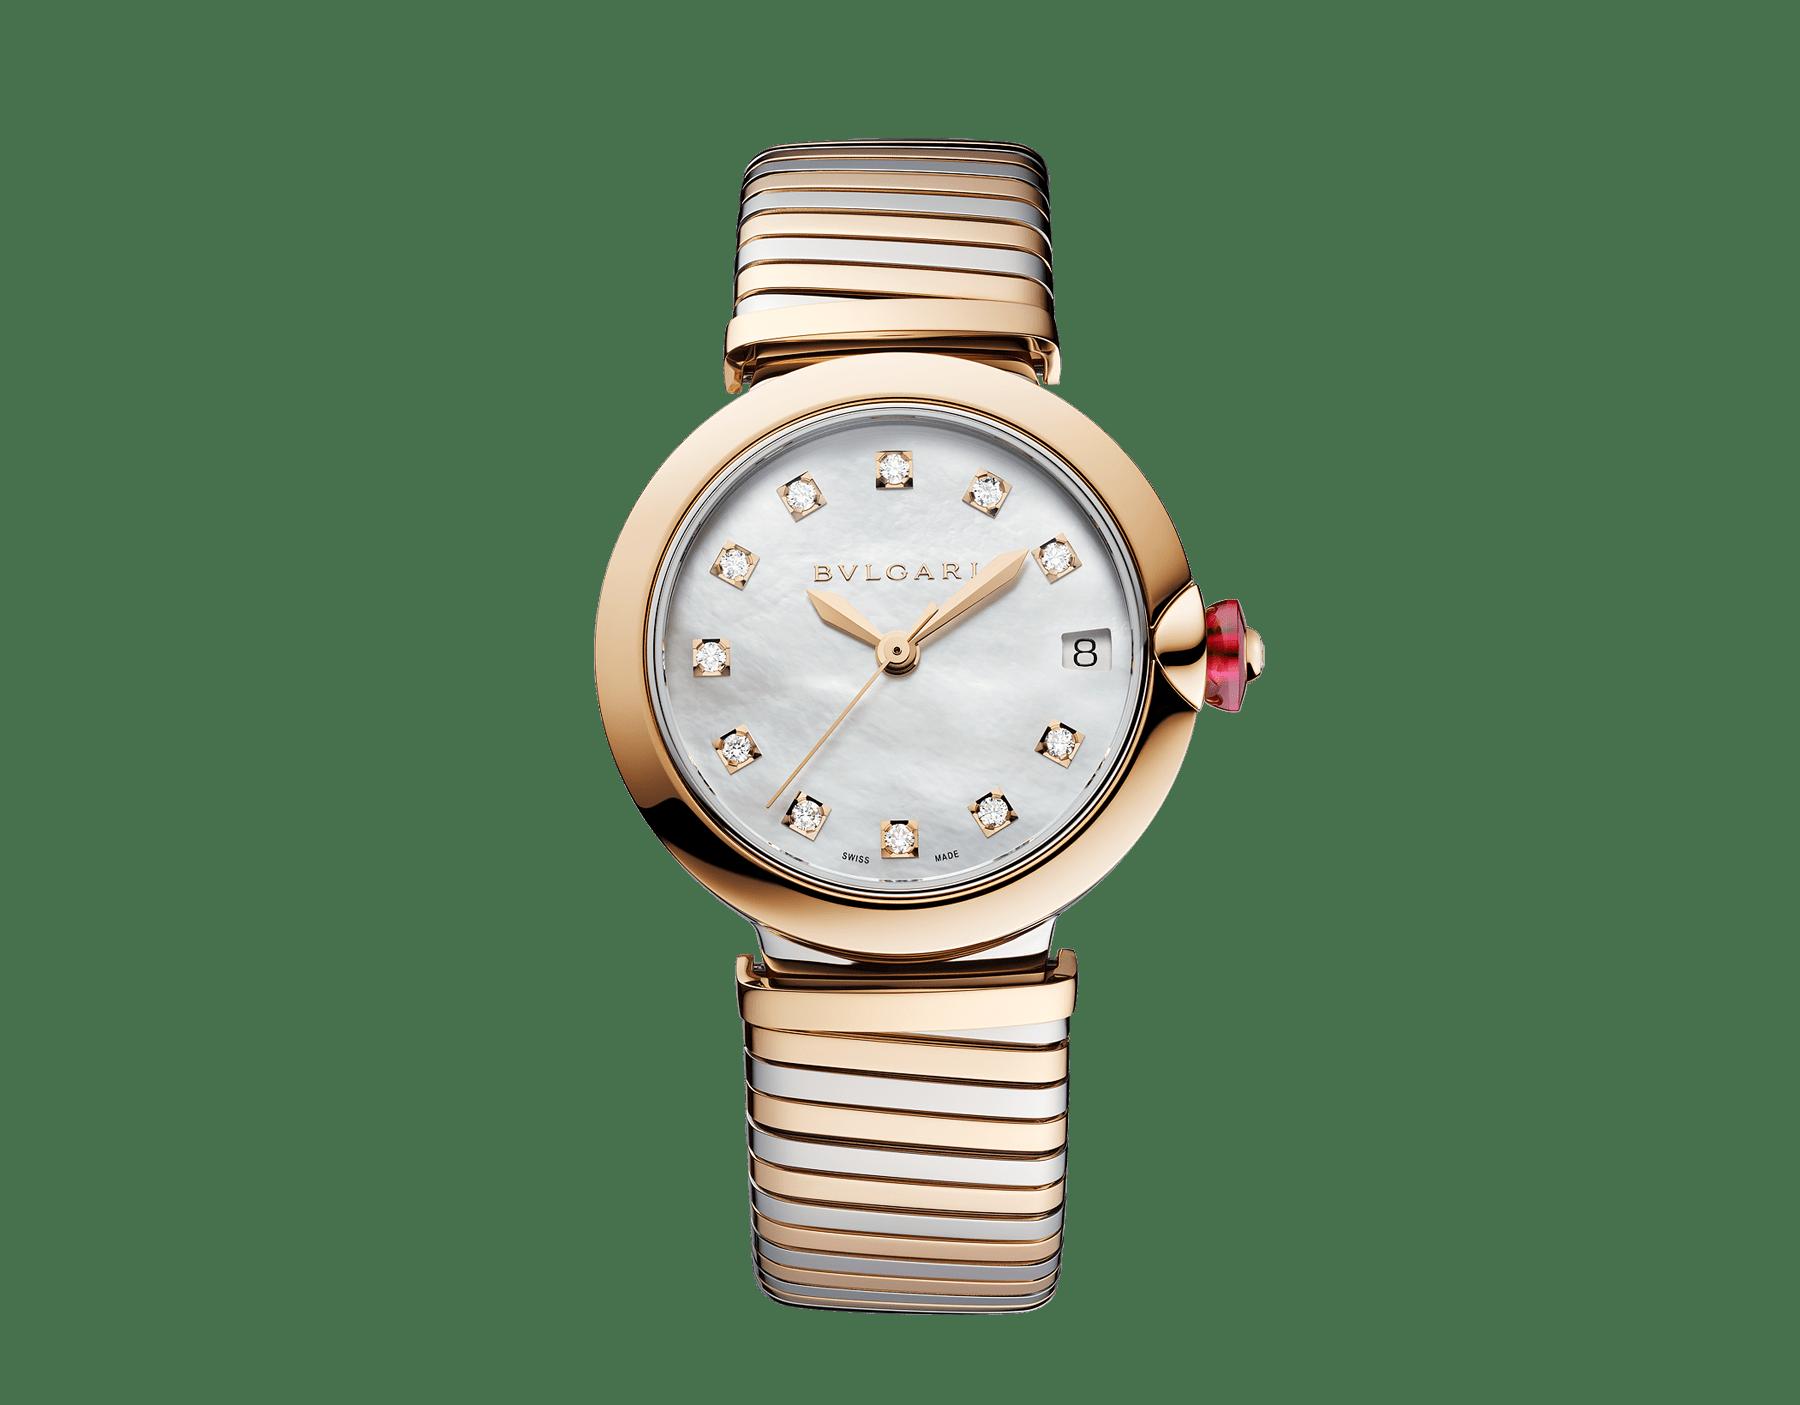 LVCEA Tubogas Uhr mit Gehäuse und Tubogas-Armband aus 18 Karat Roségold und Edelstahl, weißem Perlmuttzifferblatt und Diamantindizes 102954 image 1